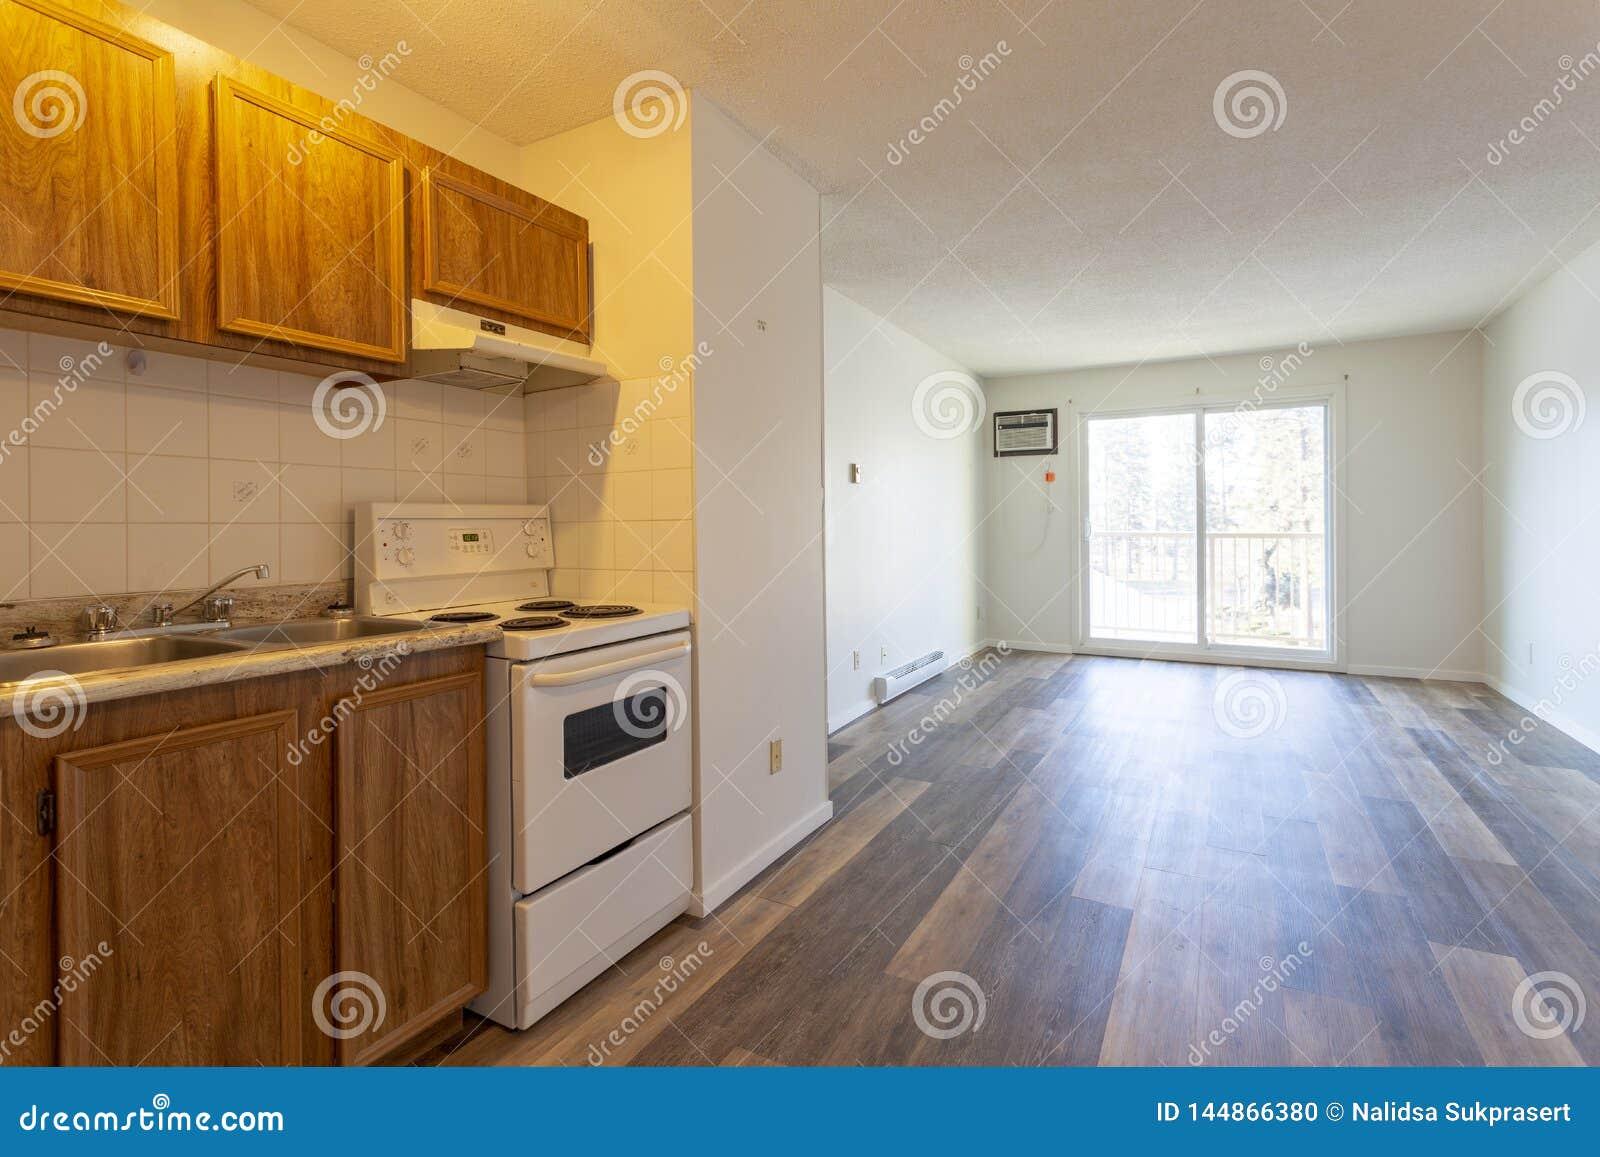 Piece Vide Vide D Appartement Photo Stock Image Du Appartement Piece 144866380